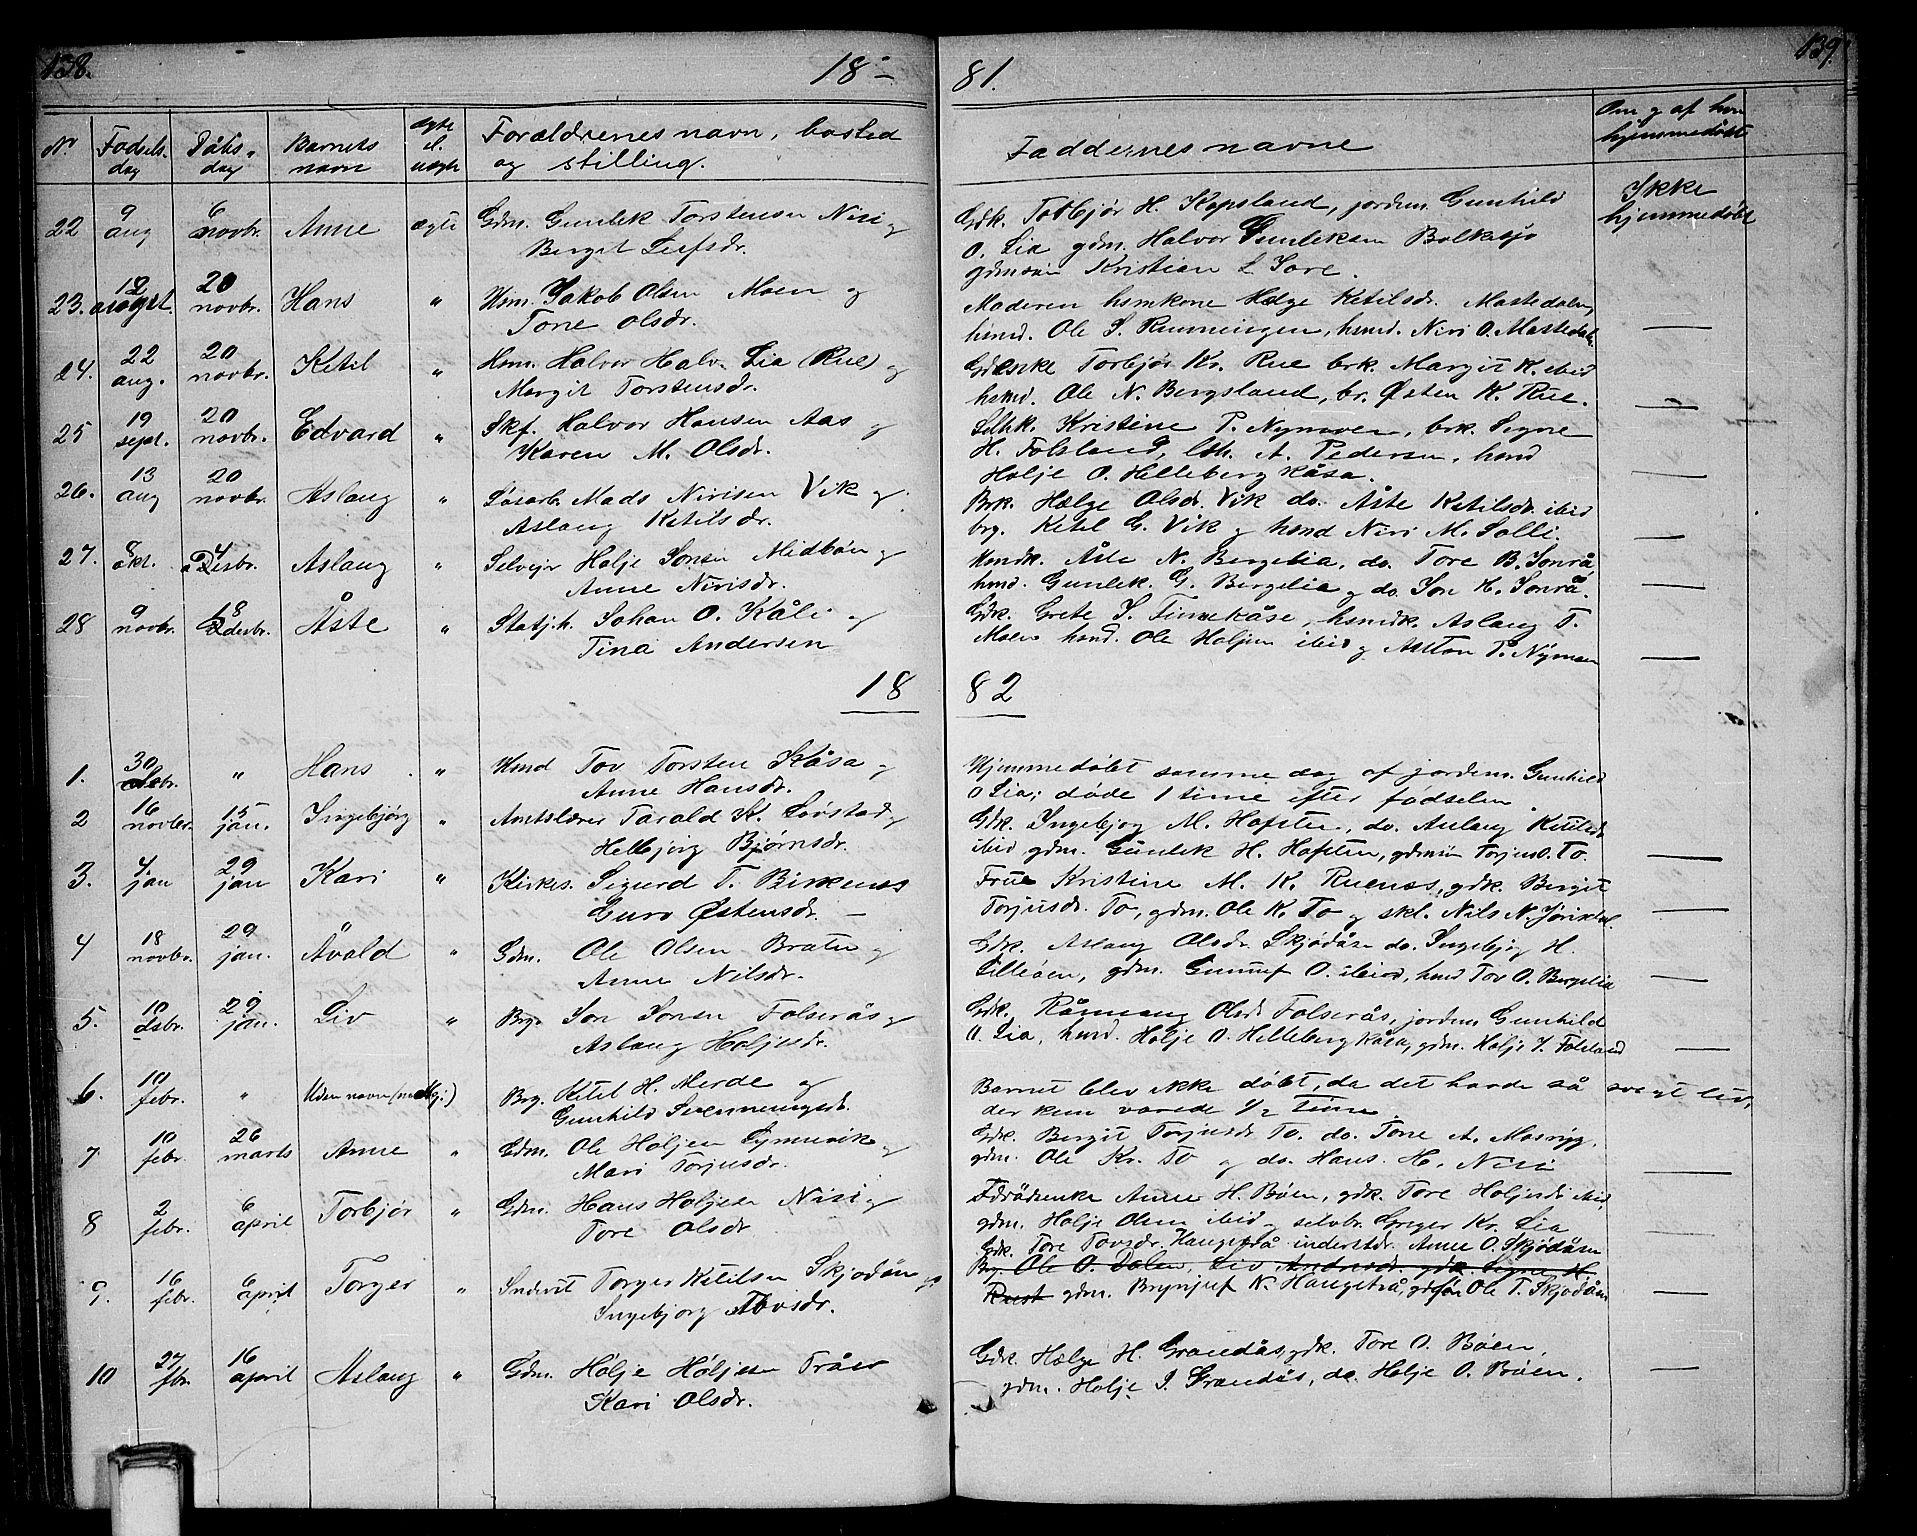 SAKO, Gransherad kirkebøker, G/Ga/L0002: Klokkerbok nr. I 2, 1854-1886, s. 138-139